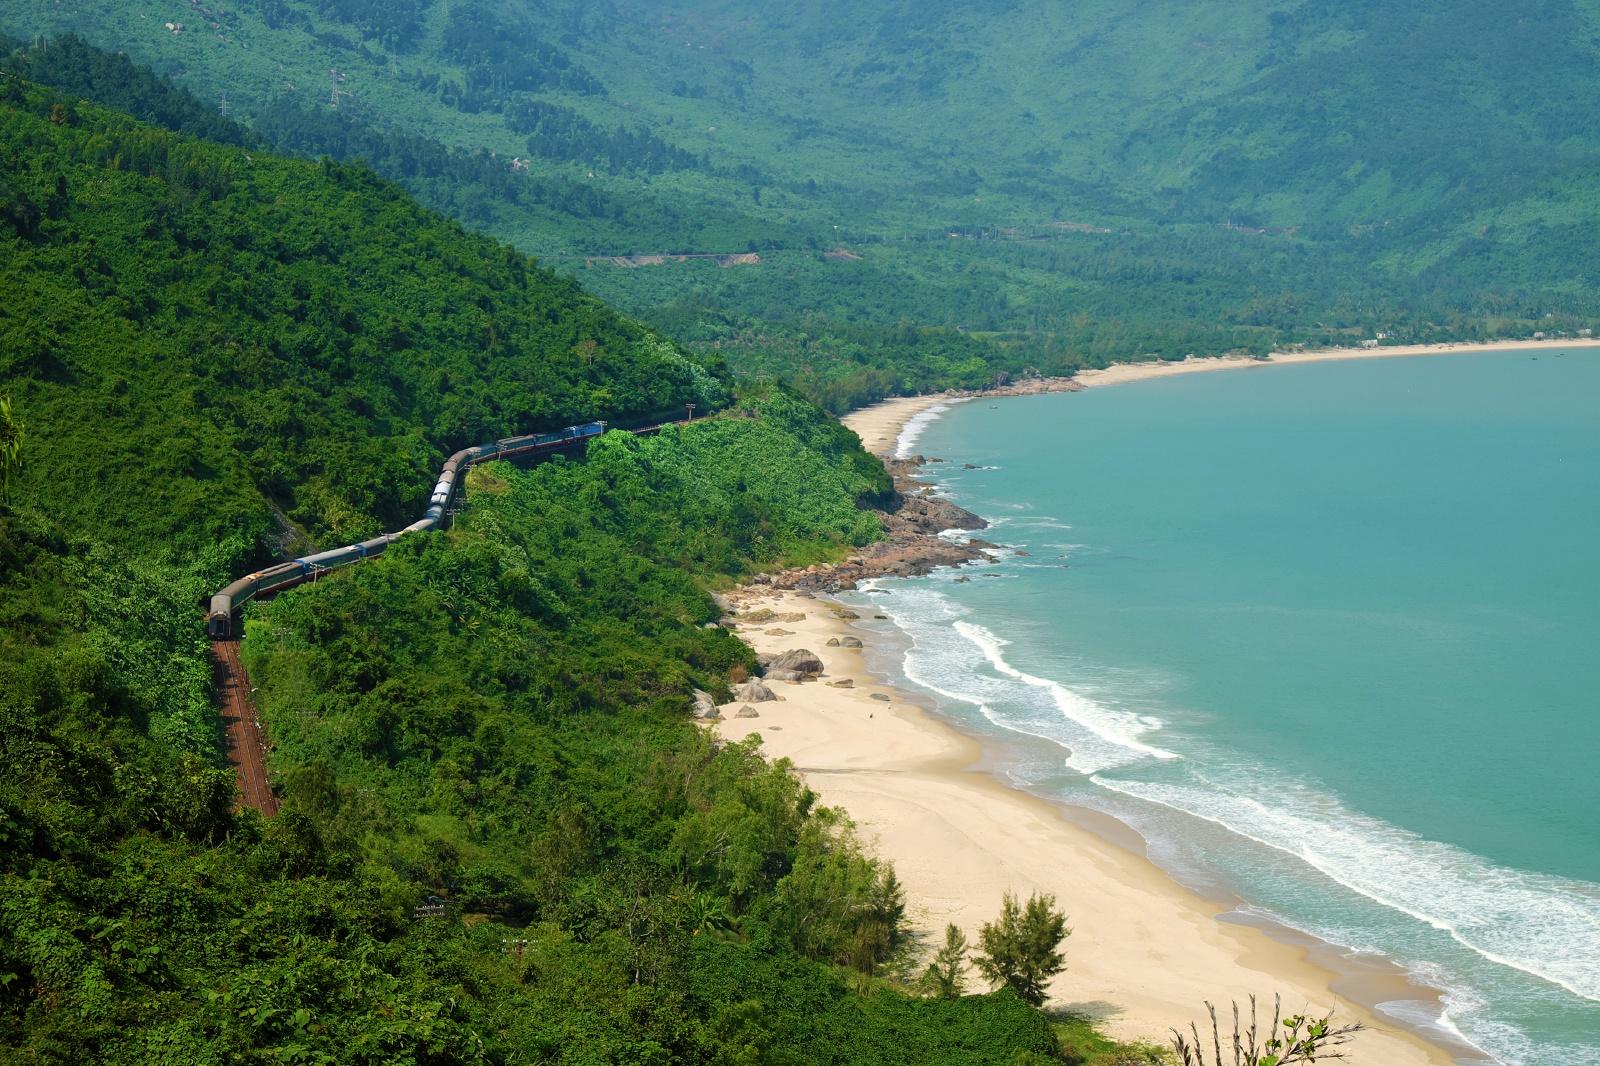 ラン・コー・ビーチそばをゆく列車 ベトナムの鉄道風景